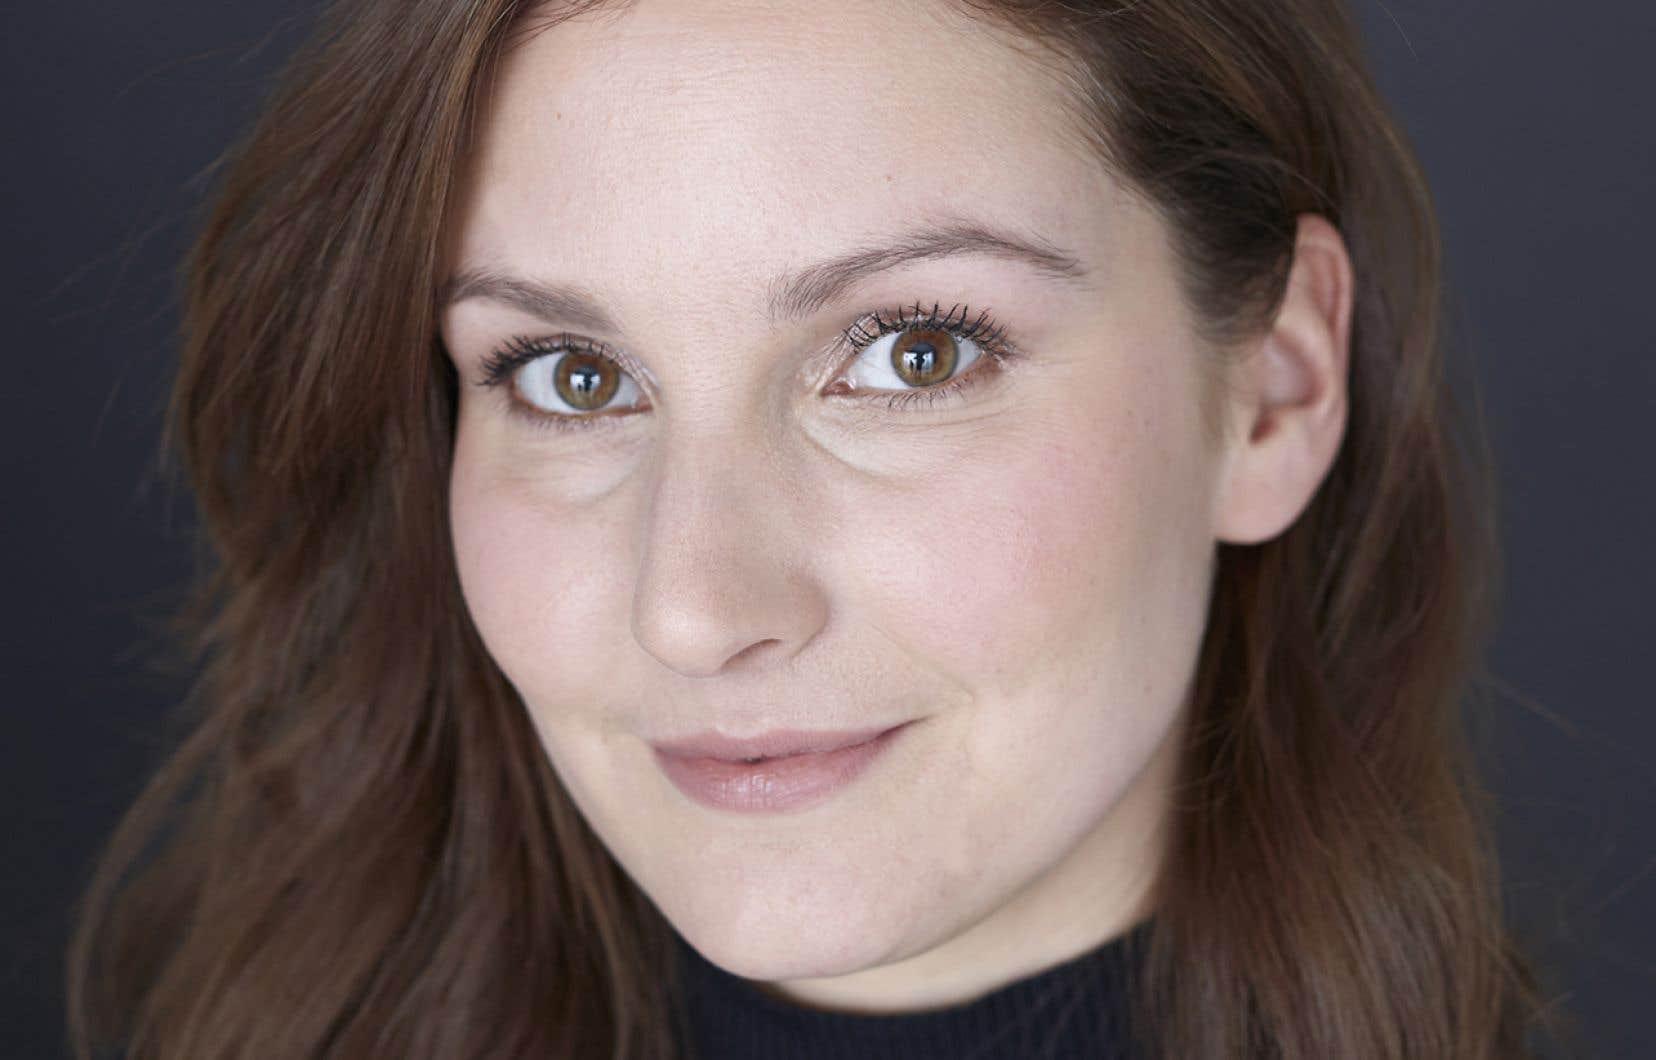 Émilie Choquet, une nouvelle voix d'une rare maturité à surveiller